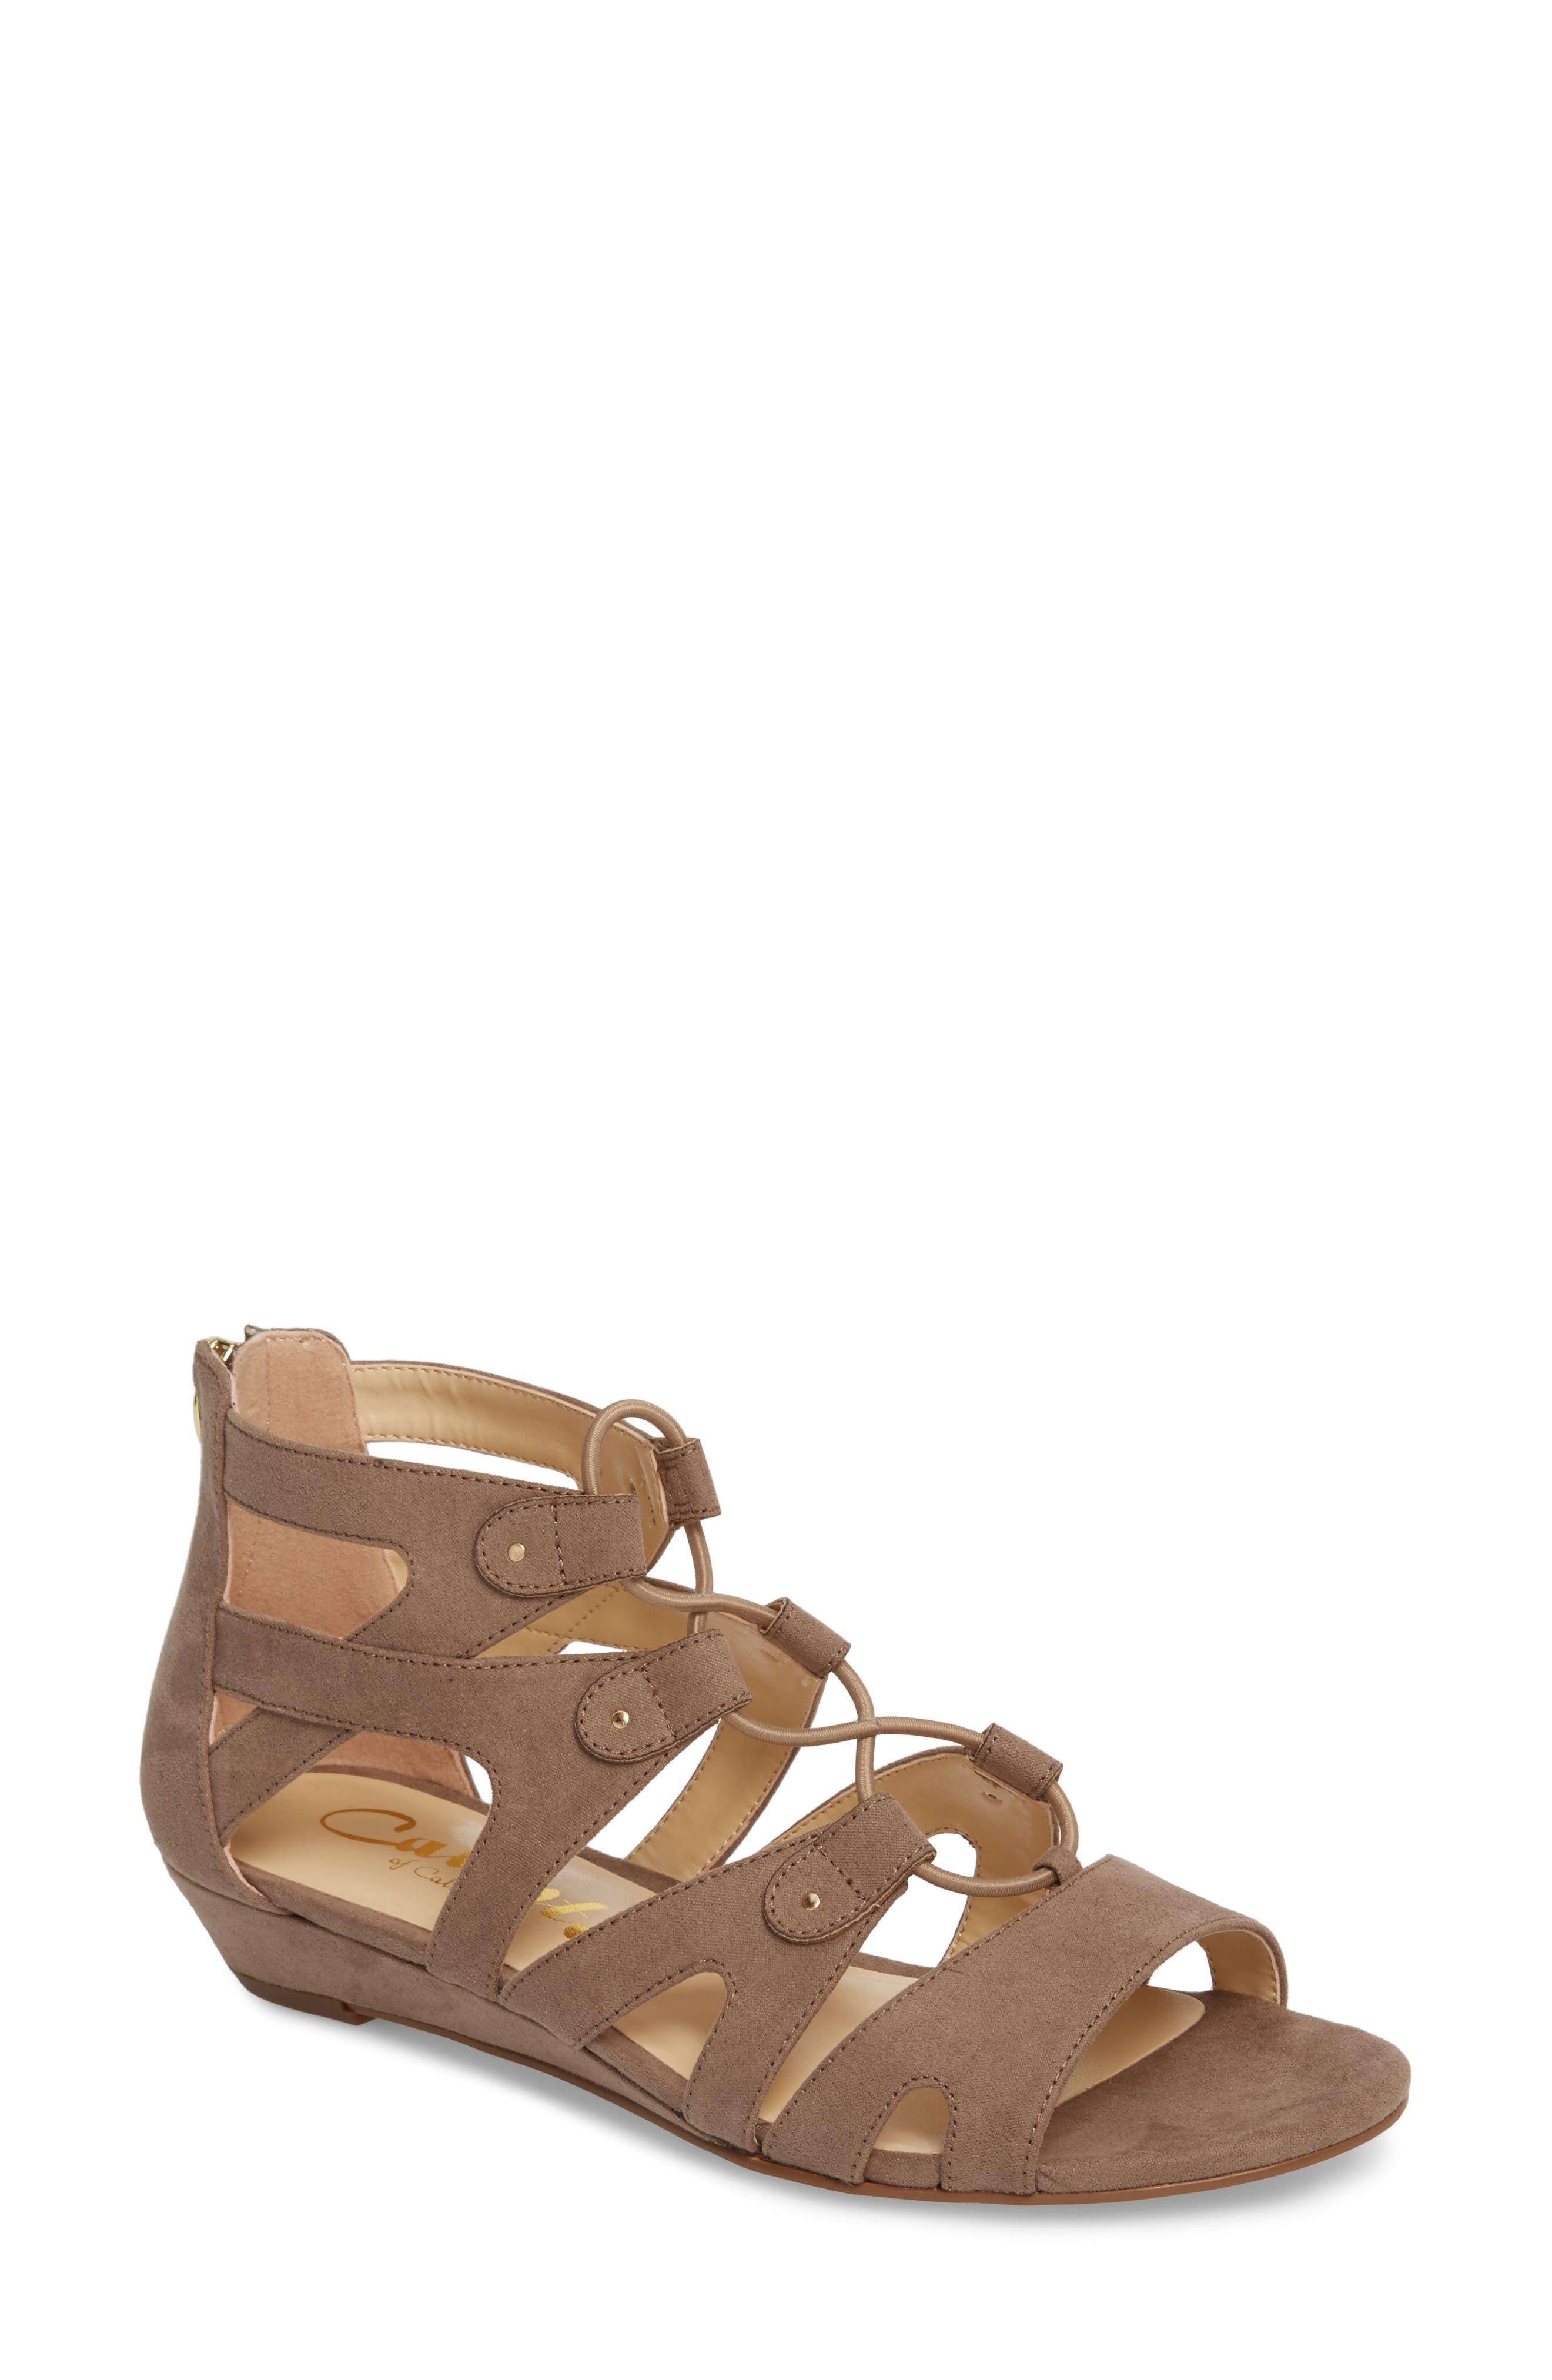 Lexx Lace-Up Sandal,                             Main thumbnail 1, color,                             Taupe Suede